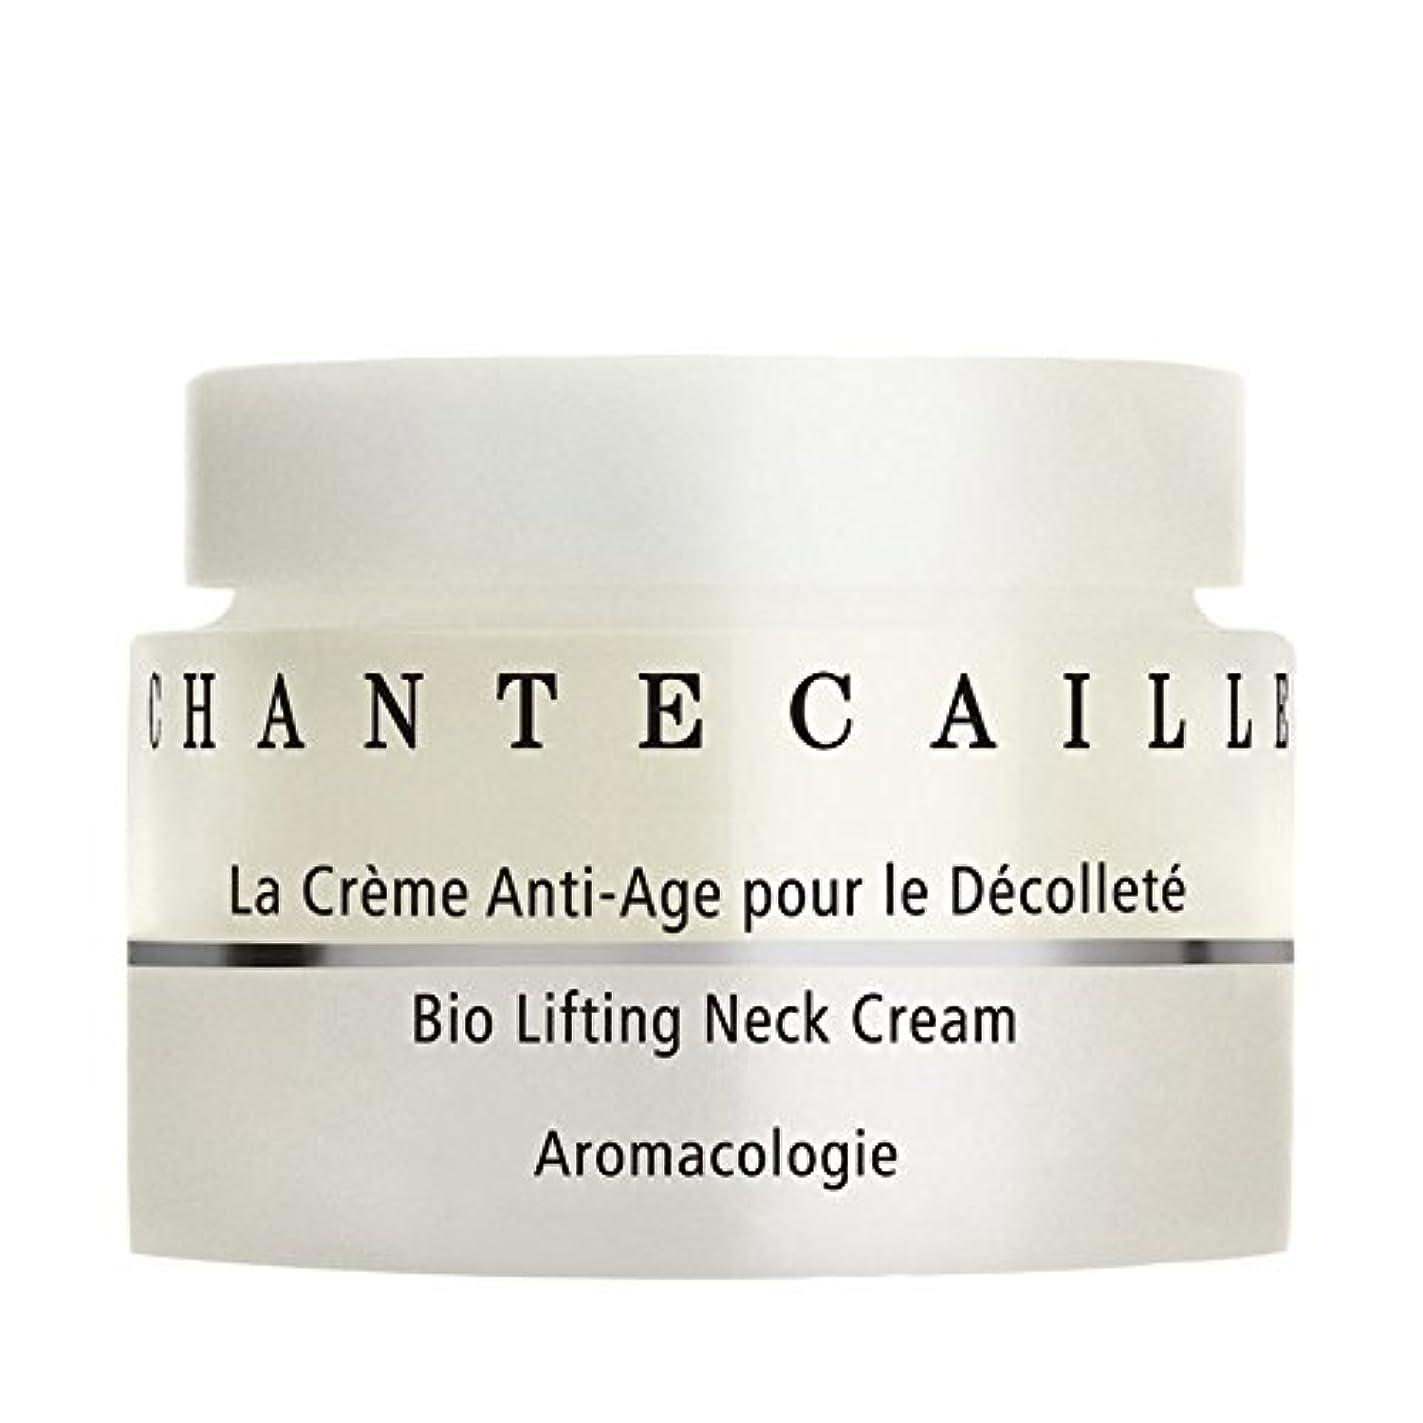 ガジュマルキッチンディベートシャンテカイユバイオダイナミックリフティングネッククリーム、シャンテカイユ x4 - Chantecaille Biodynamic Lifting Neck Cream, Chantecaille (Pack of 4...